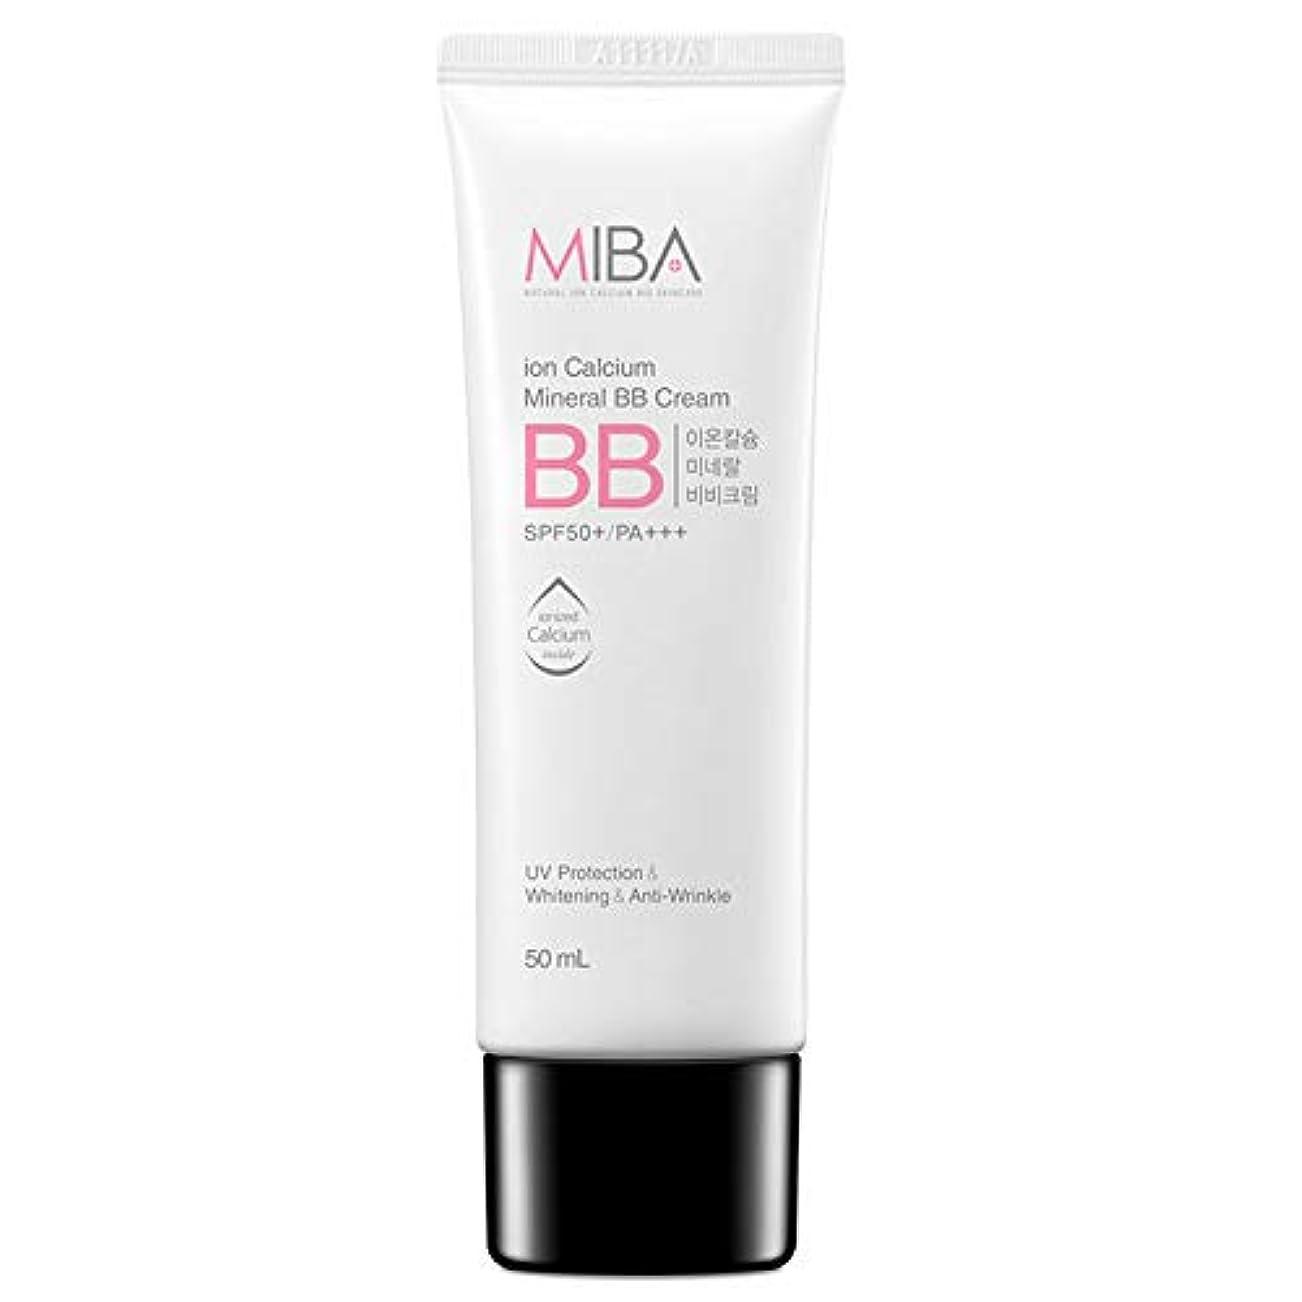 愛路地ソーシャルスキンDr ミバ IC ミネラルBBクリーム SPF50+/ PA+++ / MIBA Ion Calcium Mineral BB Cream [正規品]